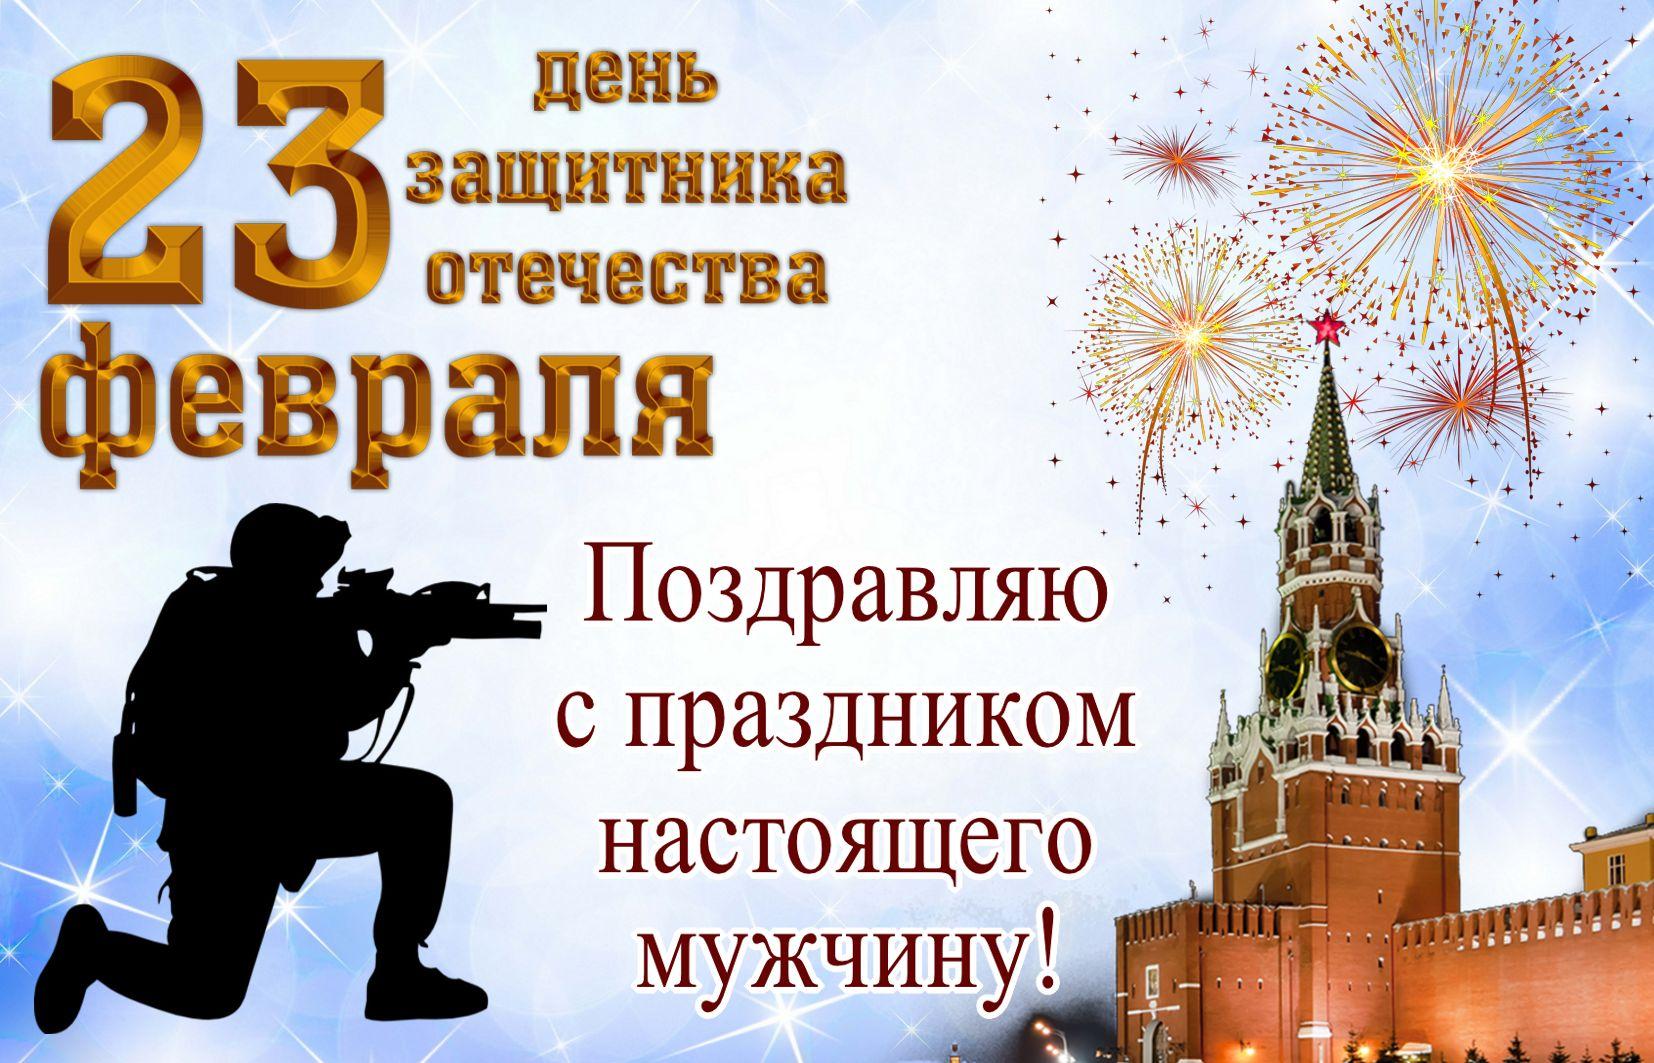 Открытка с 23 февраля - салют над Кремлем и поздравление мужчине